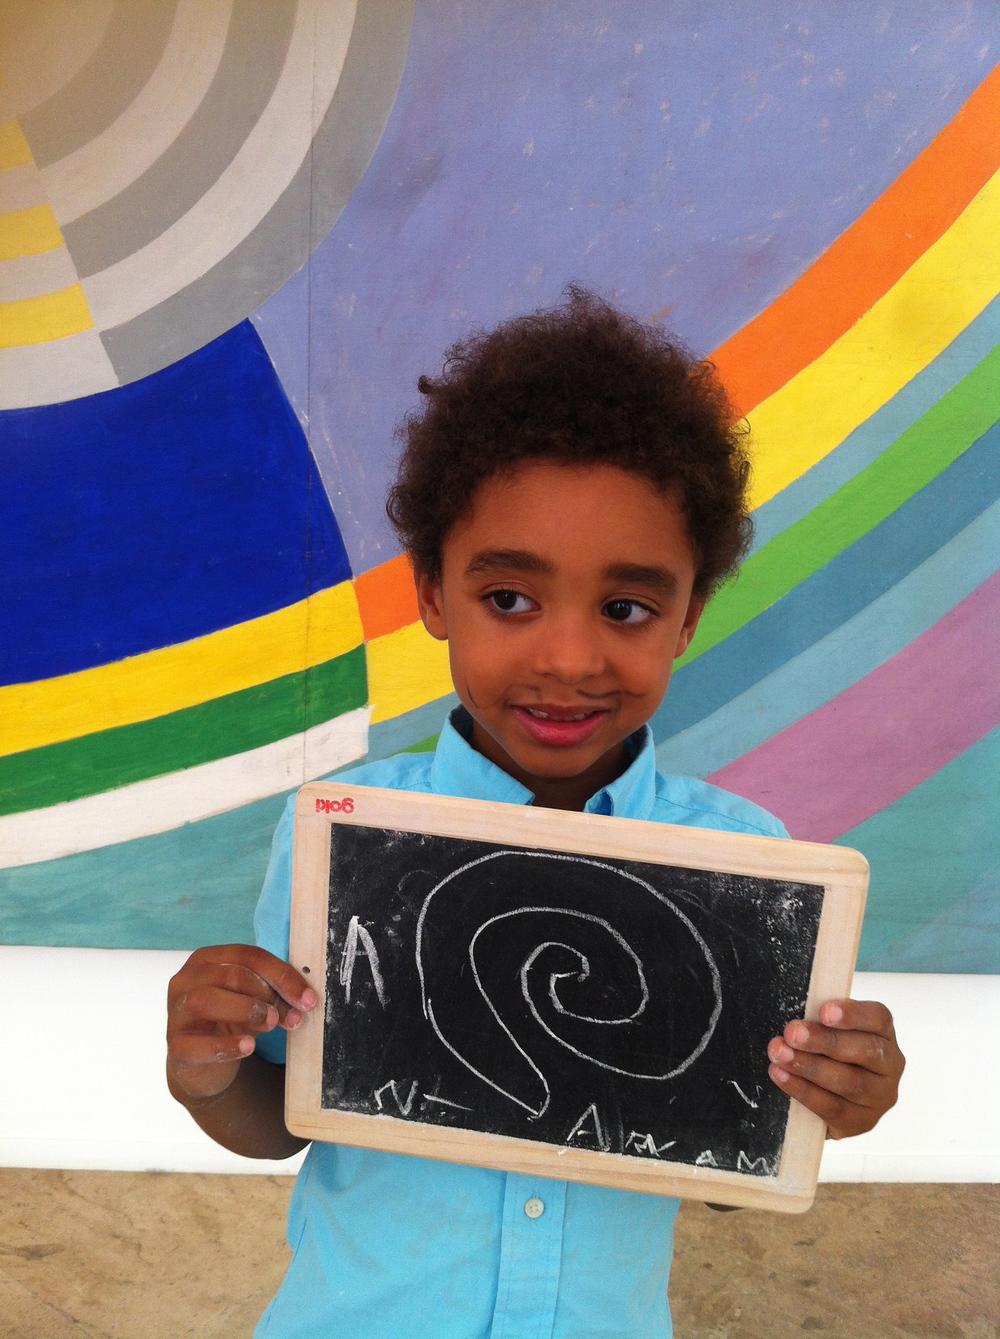 Au Musée d'Art Moderne de la Ville de Paris... qu'est ce que la visite a inspiré aux enfants ?